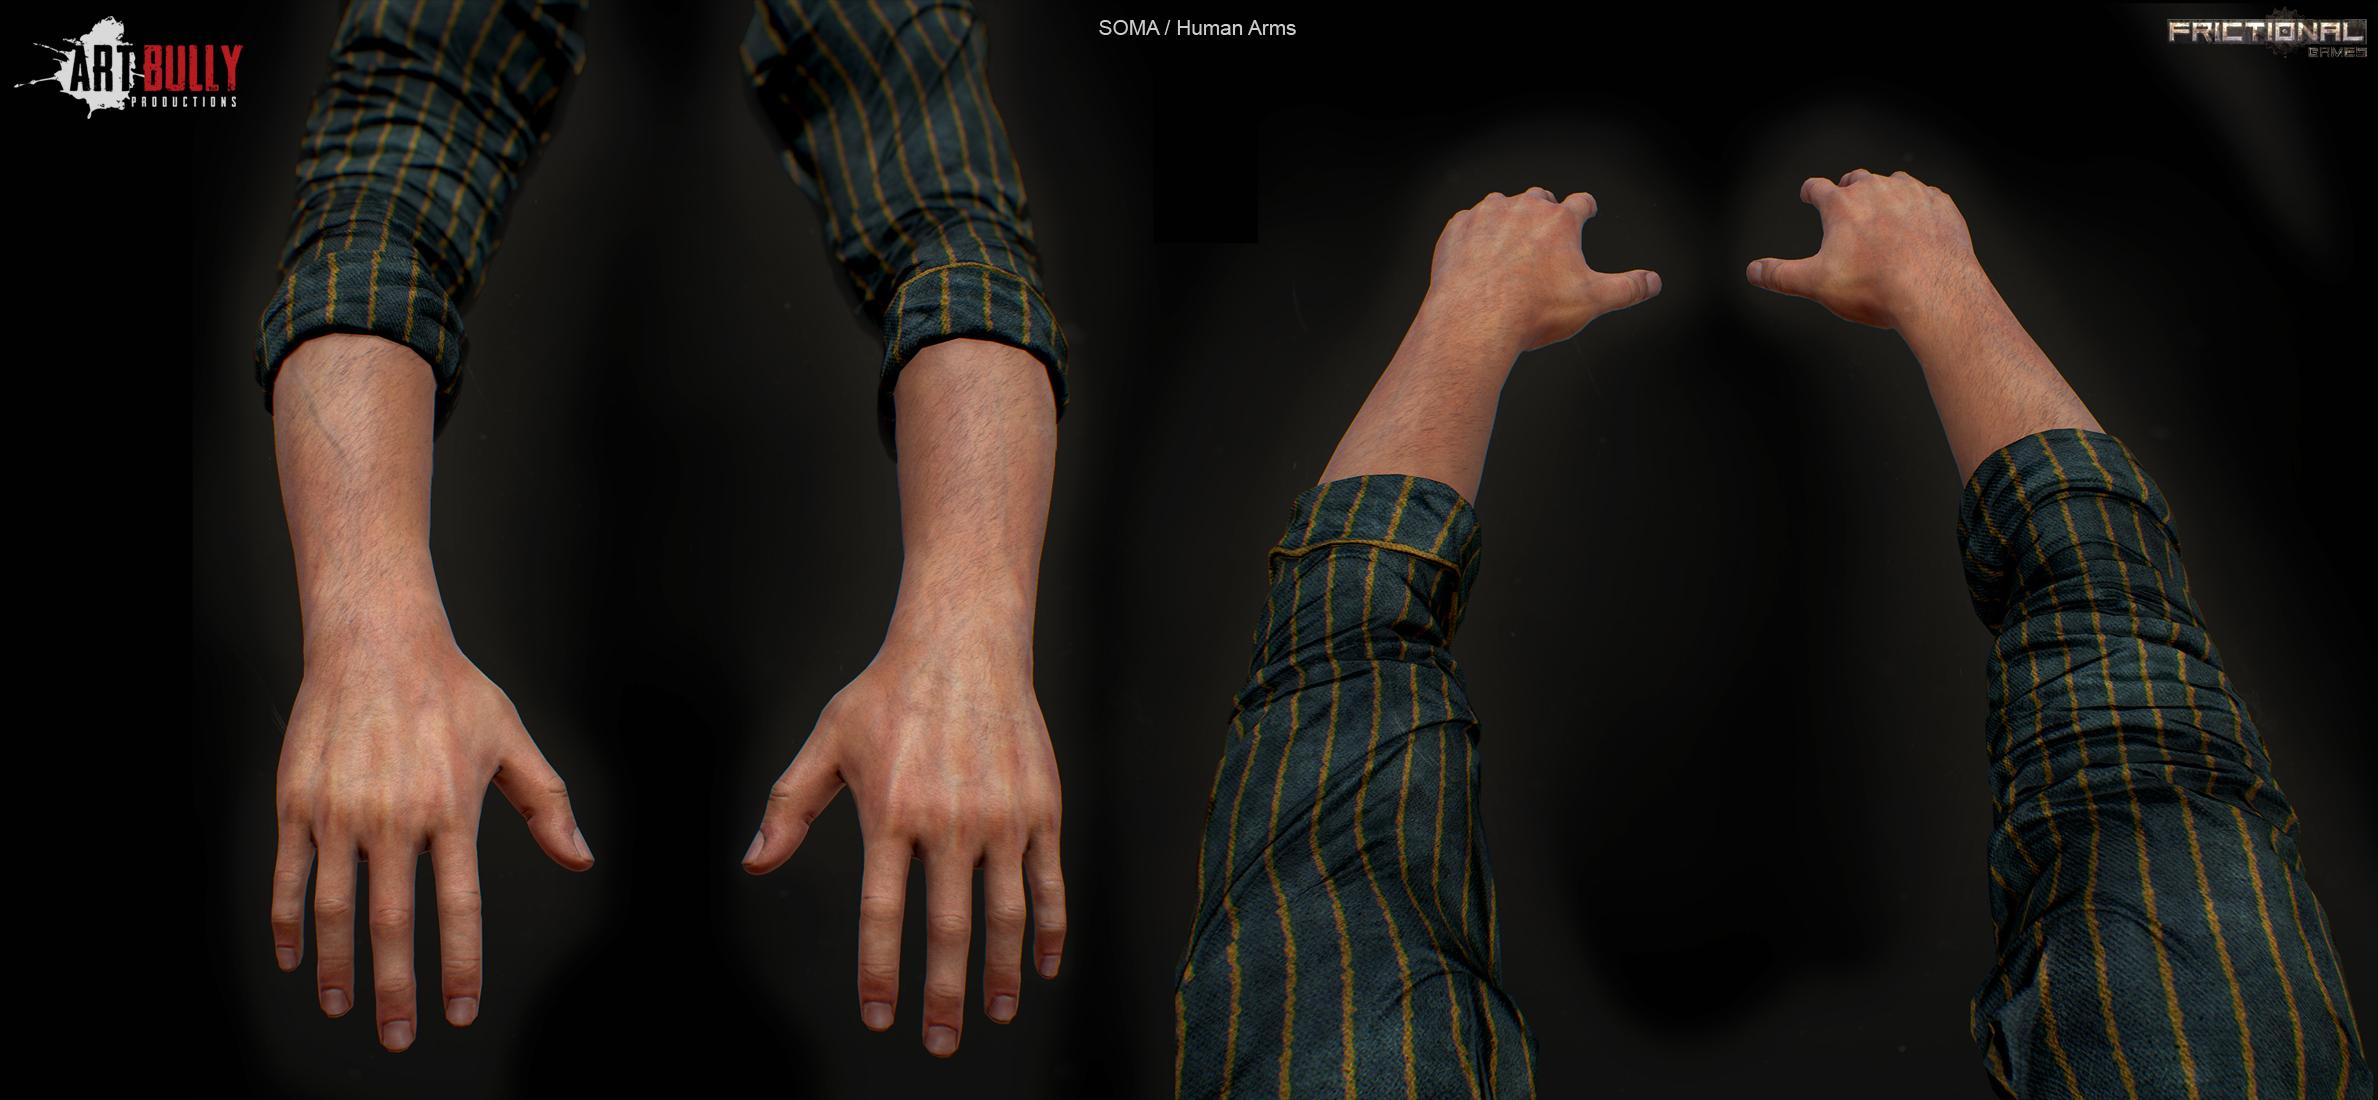 Human_Arms_Render.jpg